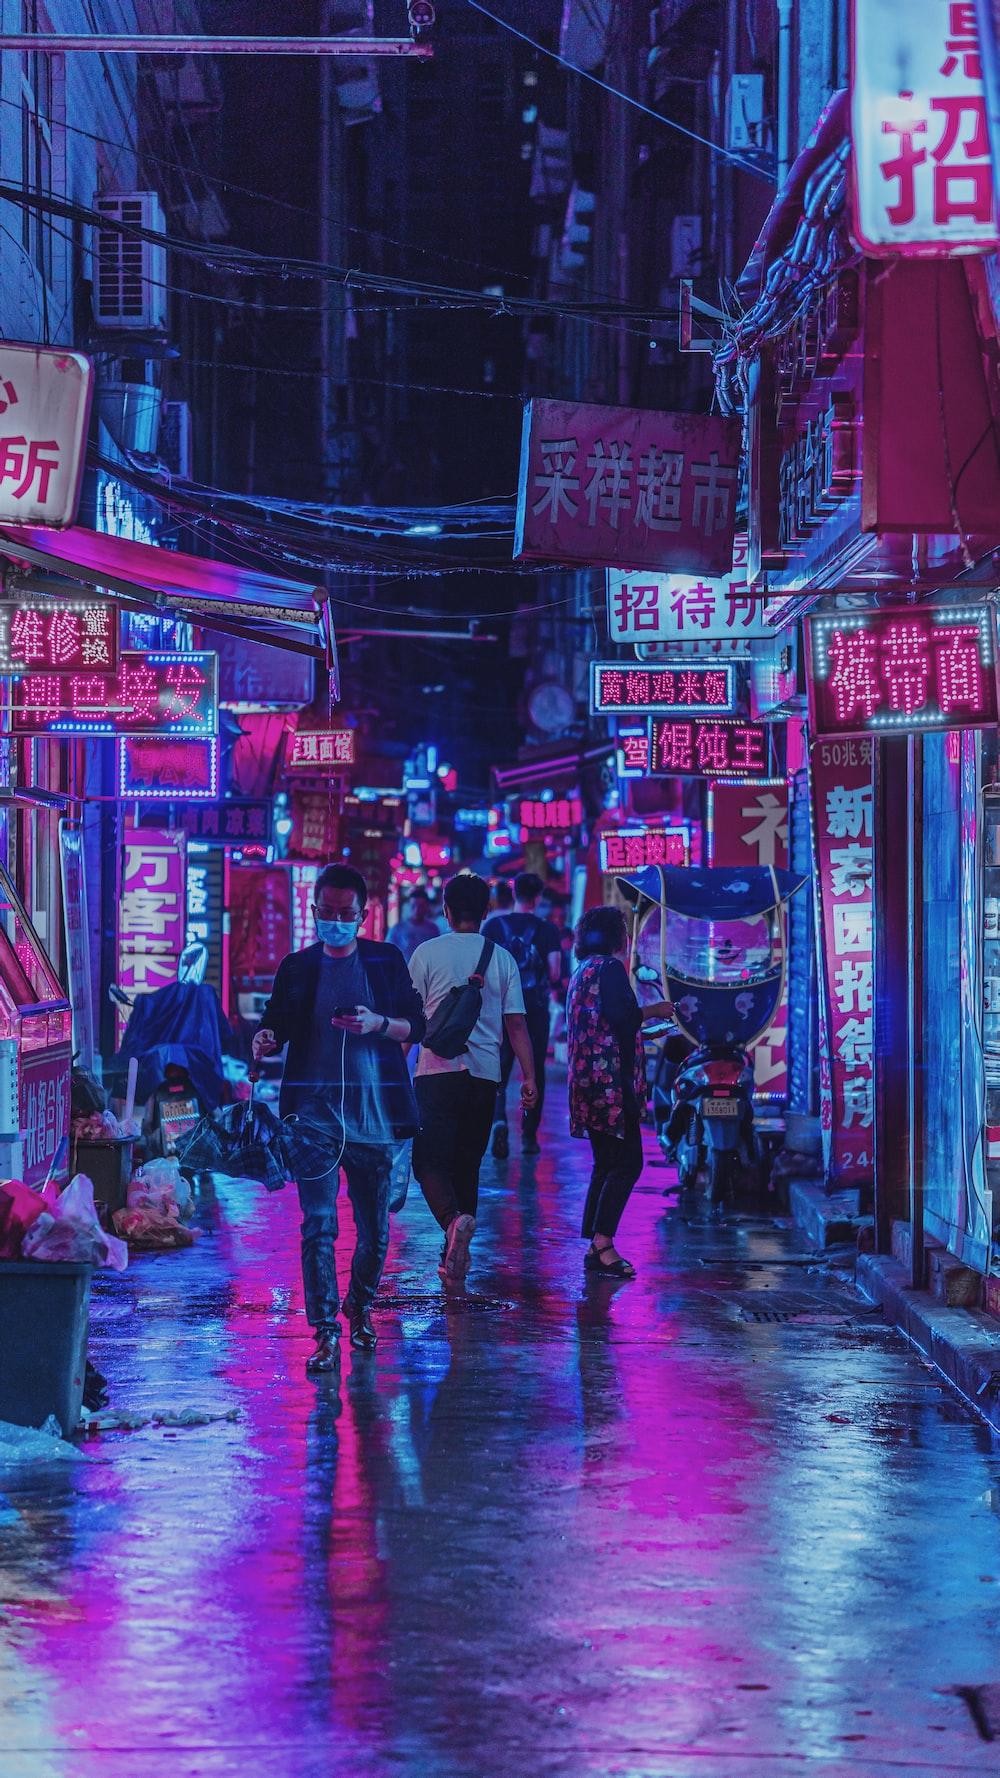 people walking on street during nighttime